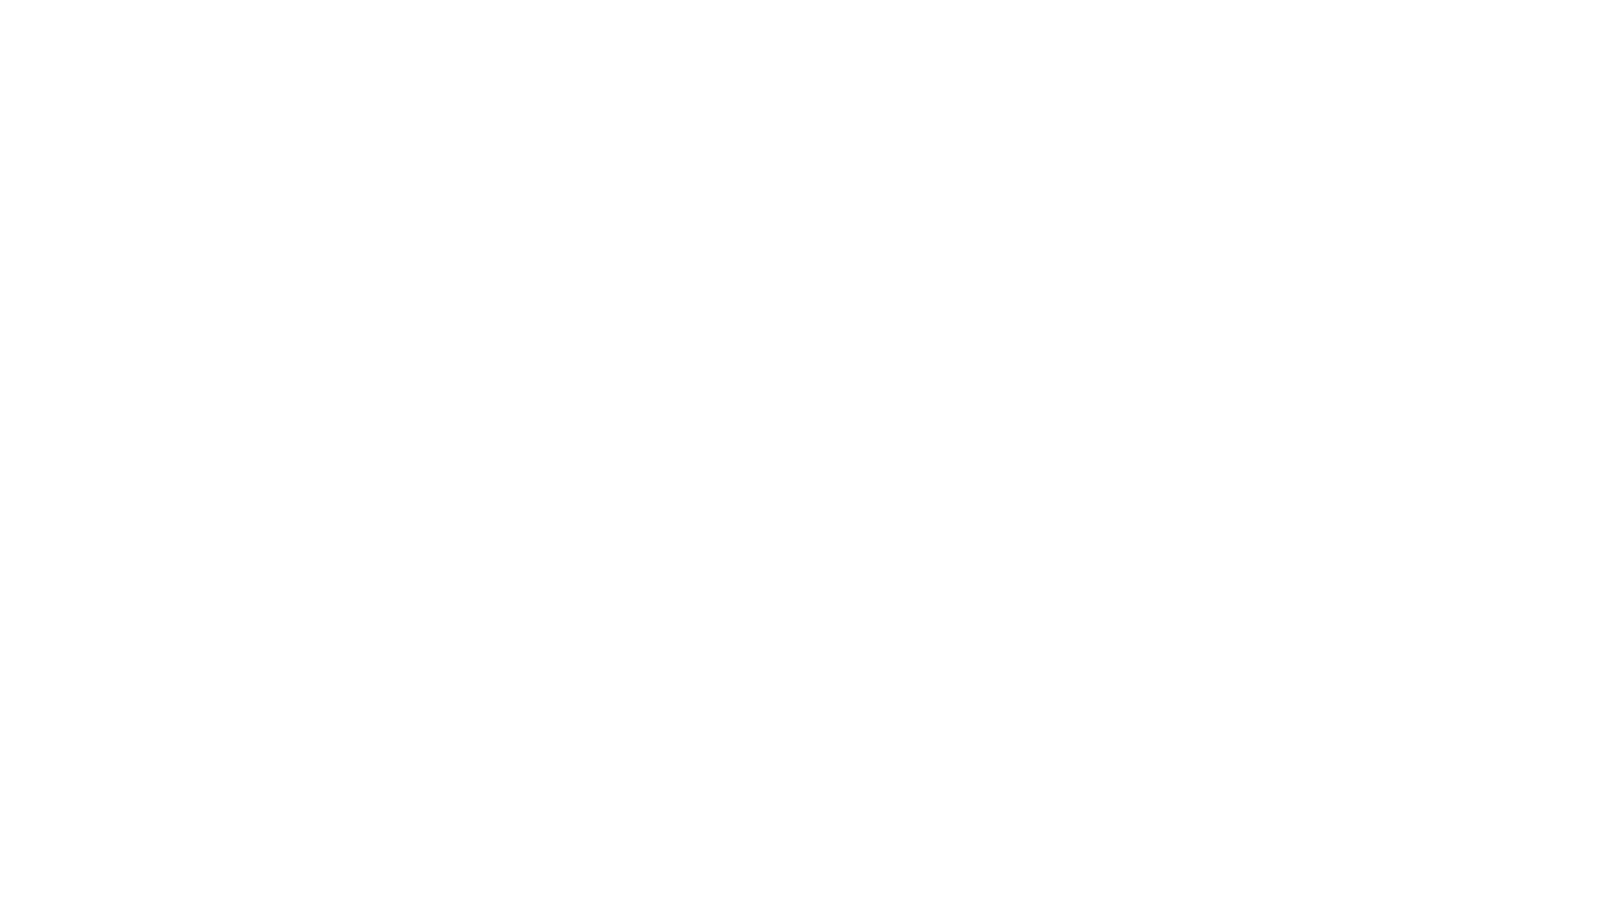 """Välkommen att fira gudstjänst den 9:e maj med Nimbuskyrkan på Öckerö som är en del av Equmeniakyrkan i Sverige.  Nanna Henning leder gudstjänsten och Kajsa Werling predikar. Sång och musik, Birgitta Anhage med team. Vi kommer att få lyssna till Birgitta Anhage med team. Sång: Birgitta Anhage, Maria Utbult, Johanna Björknes Trummor: Martin Folkelind Bas: Martin Wassenius Piano: Jan Utbult ---------------------------------- 00:00 Gudstjänst startar 02:29 Välkommen Nanna Henning 04:10 Sång: """"Lord I lift your name on high"""" 06:58 Inledning med Nanna Henning och Bön. 10:55 Sång: """"Ett har jag begärt"""" 14:31 Sång: """"Låt vart ord"""" 18:18  Predikan """"Bön"""" Kajsa Werling 41:15 Sång: """"Låt ditt rike komma"""" 47:27 Sång: """"Värdigt är Guds Lamm"""" 53:07 Avslutande ord + bön  55:48 Tal av Birgitta Anhage 1:00:44 Sång: """"Blott en dag"""" 1:04:37 Sång: """"Välsignelsen"""" Till dig som vill ge en gåva till Equmeniakyrkan,  Swish: 900 3286, Märk """"Nationellt"""""""